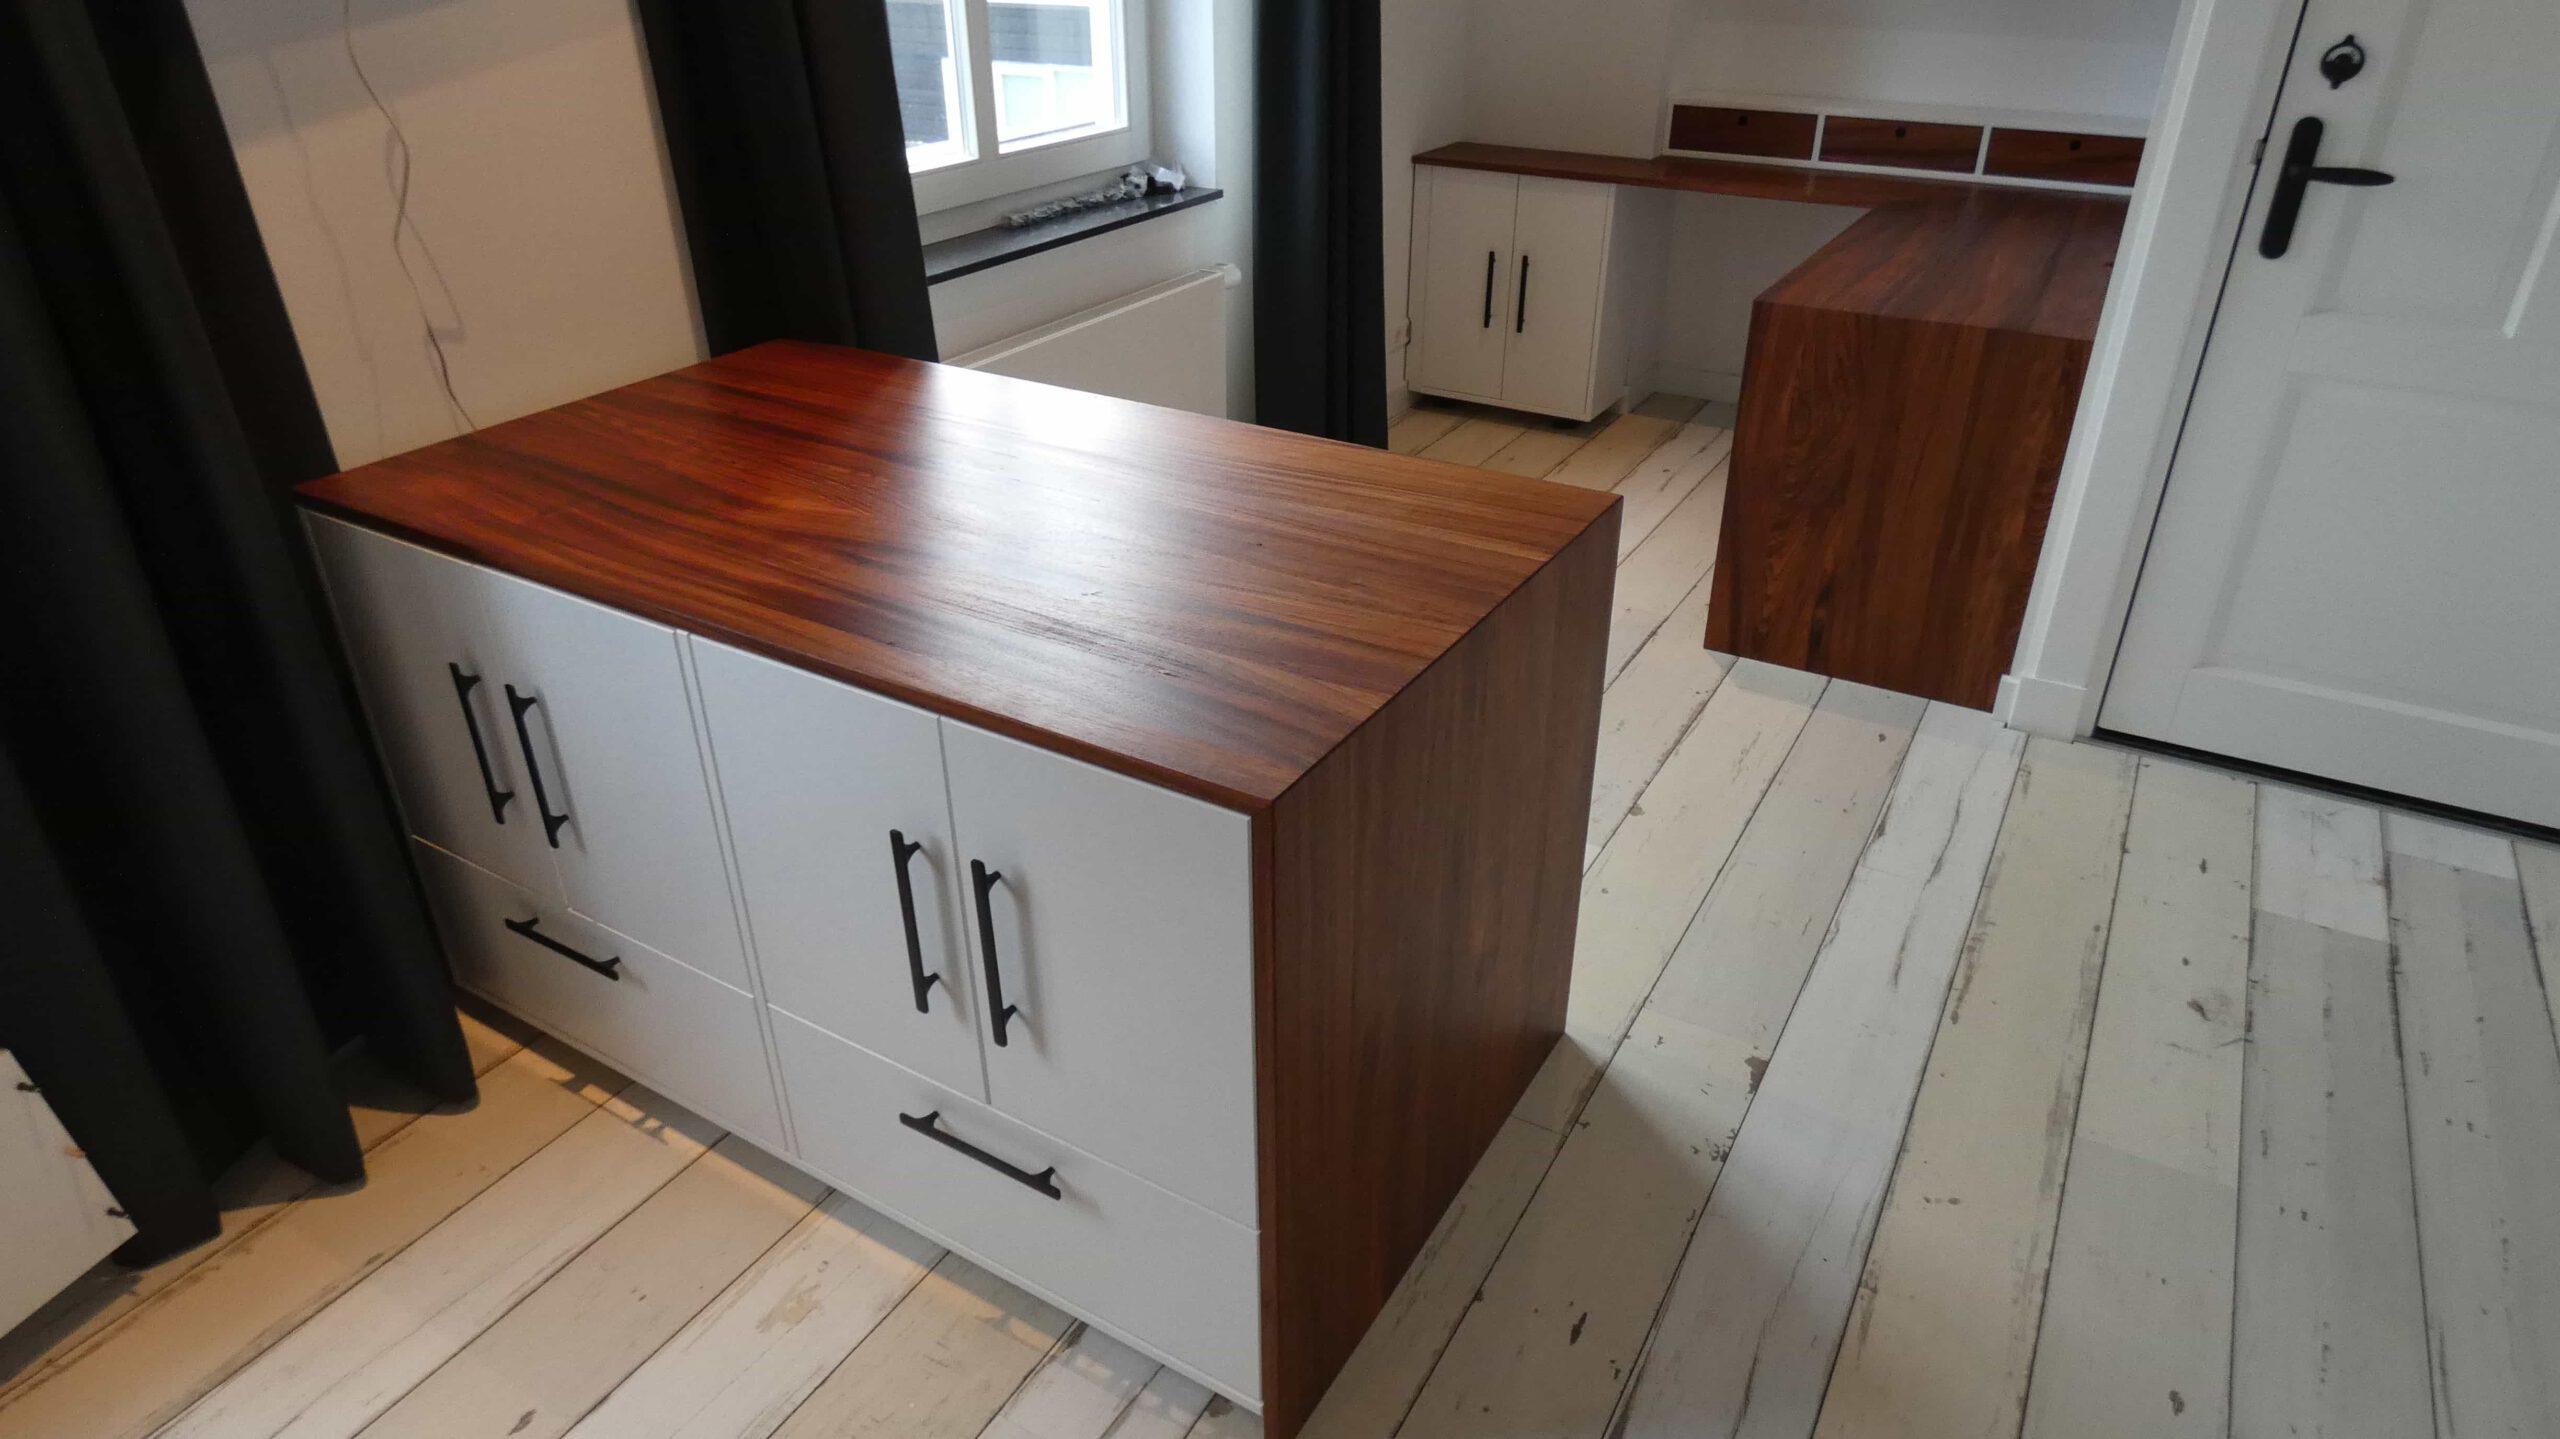 Luucsmo bureau van bodo hout